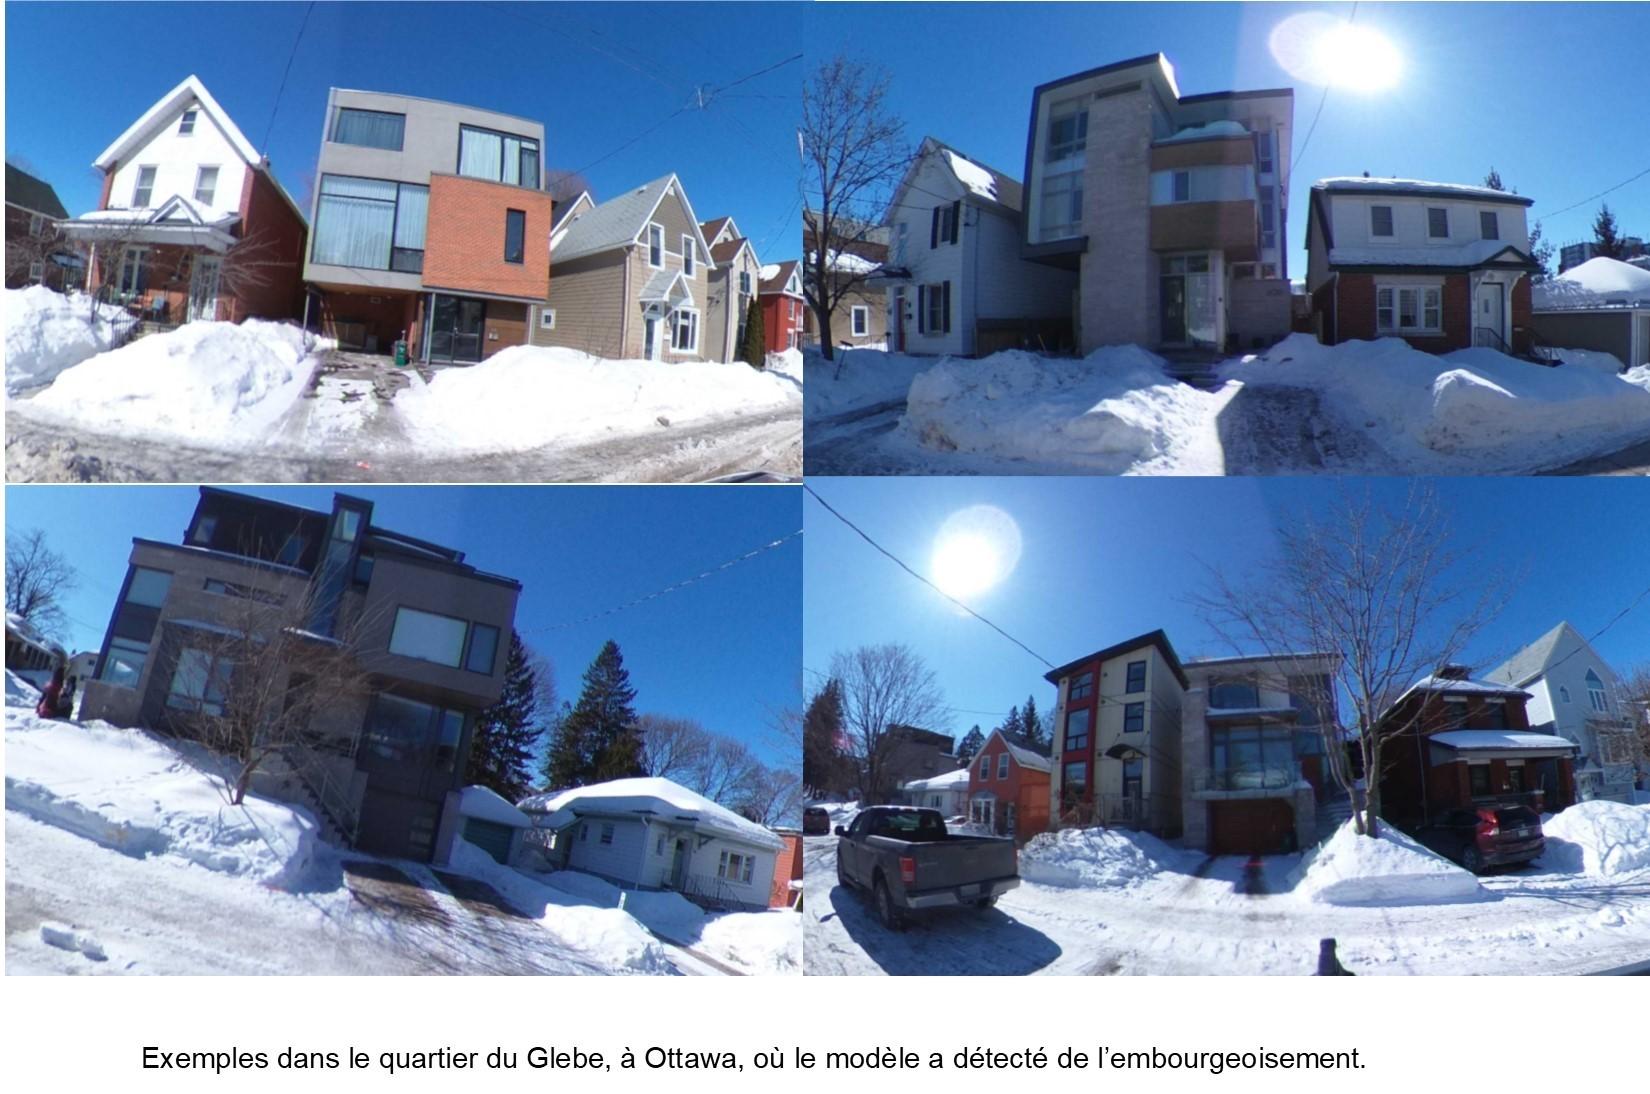 Examples dans le quartier du Glebe, à Ottawa, où le modèle a détecté de l'embourgeoisement.